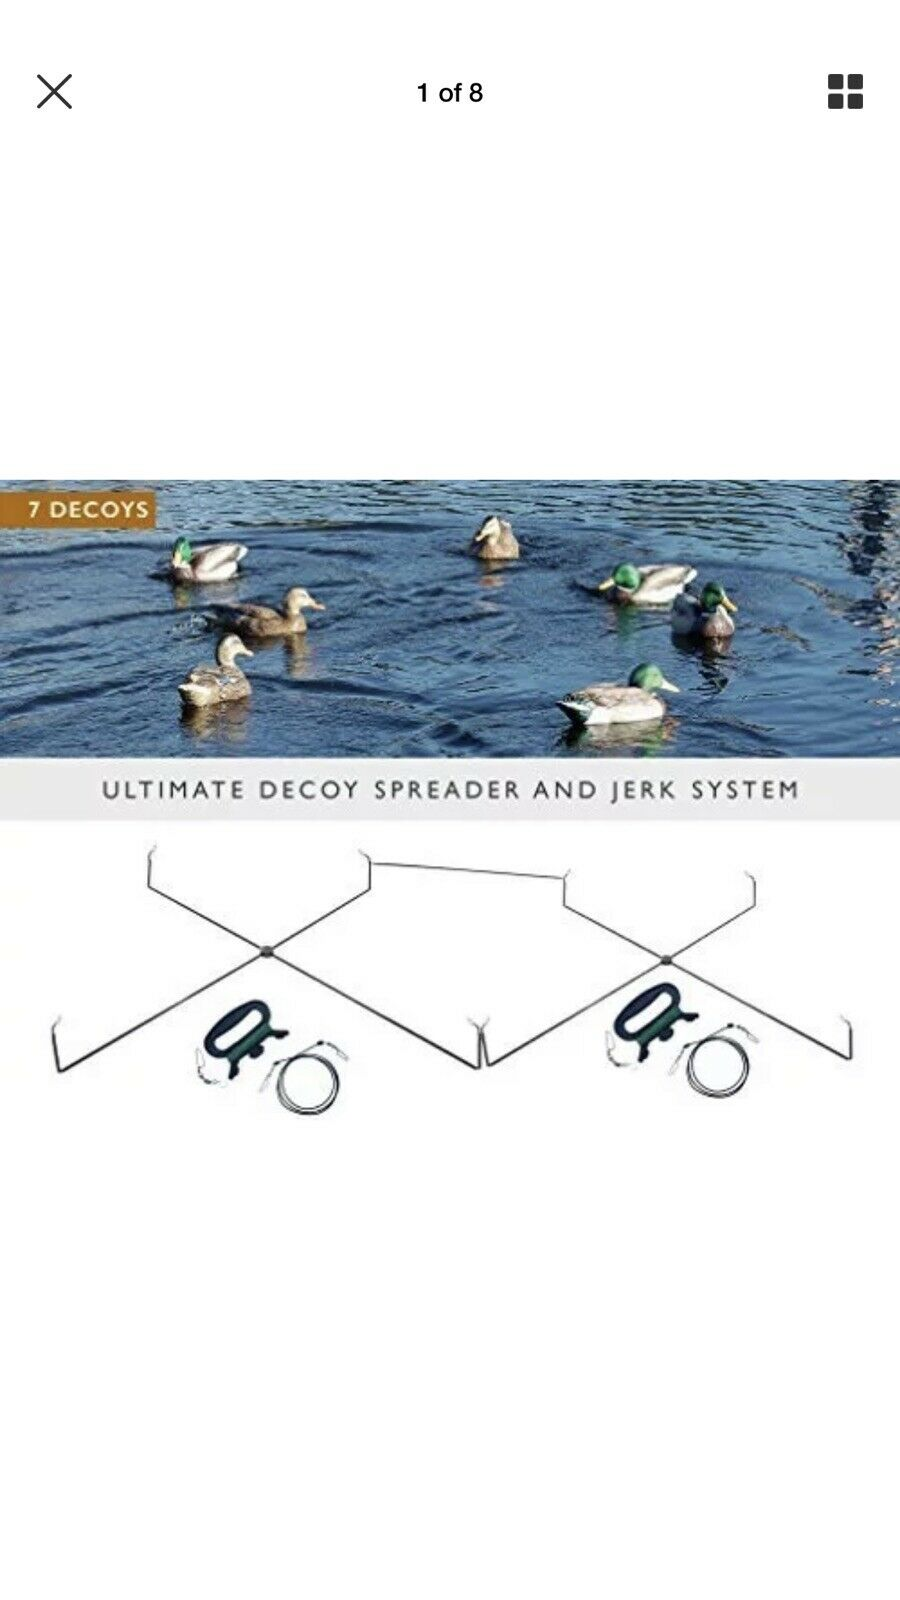 Nuevo movimiento Ducks-Ultimate Señuelo Esparcidor y Jerk Rig-Envío Gratuito